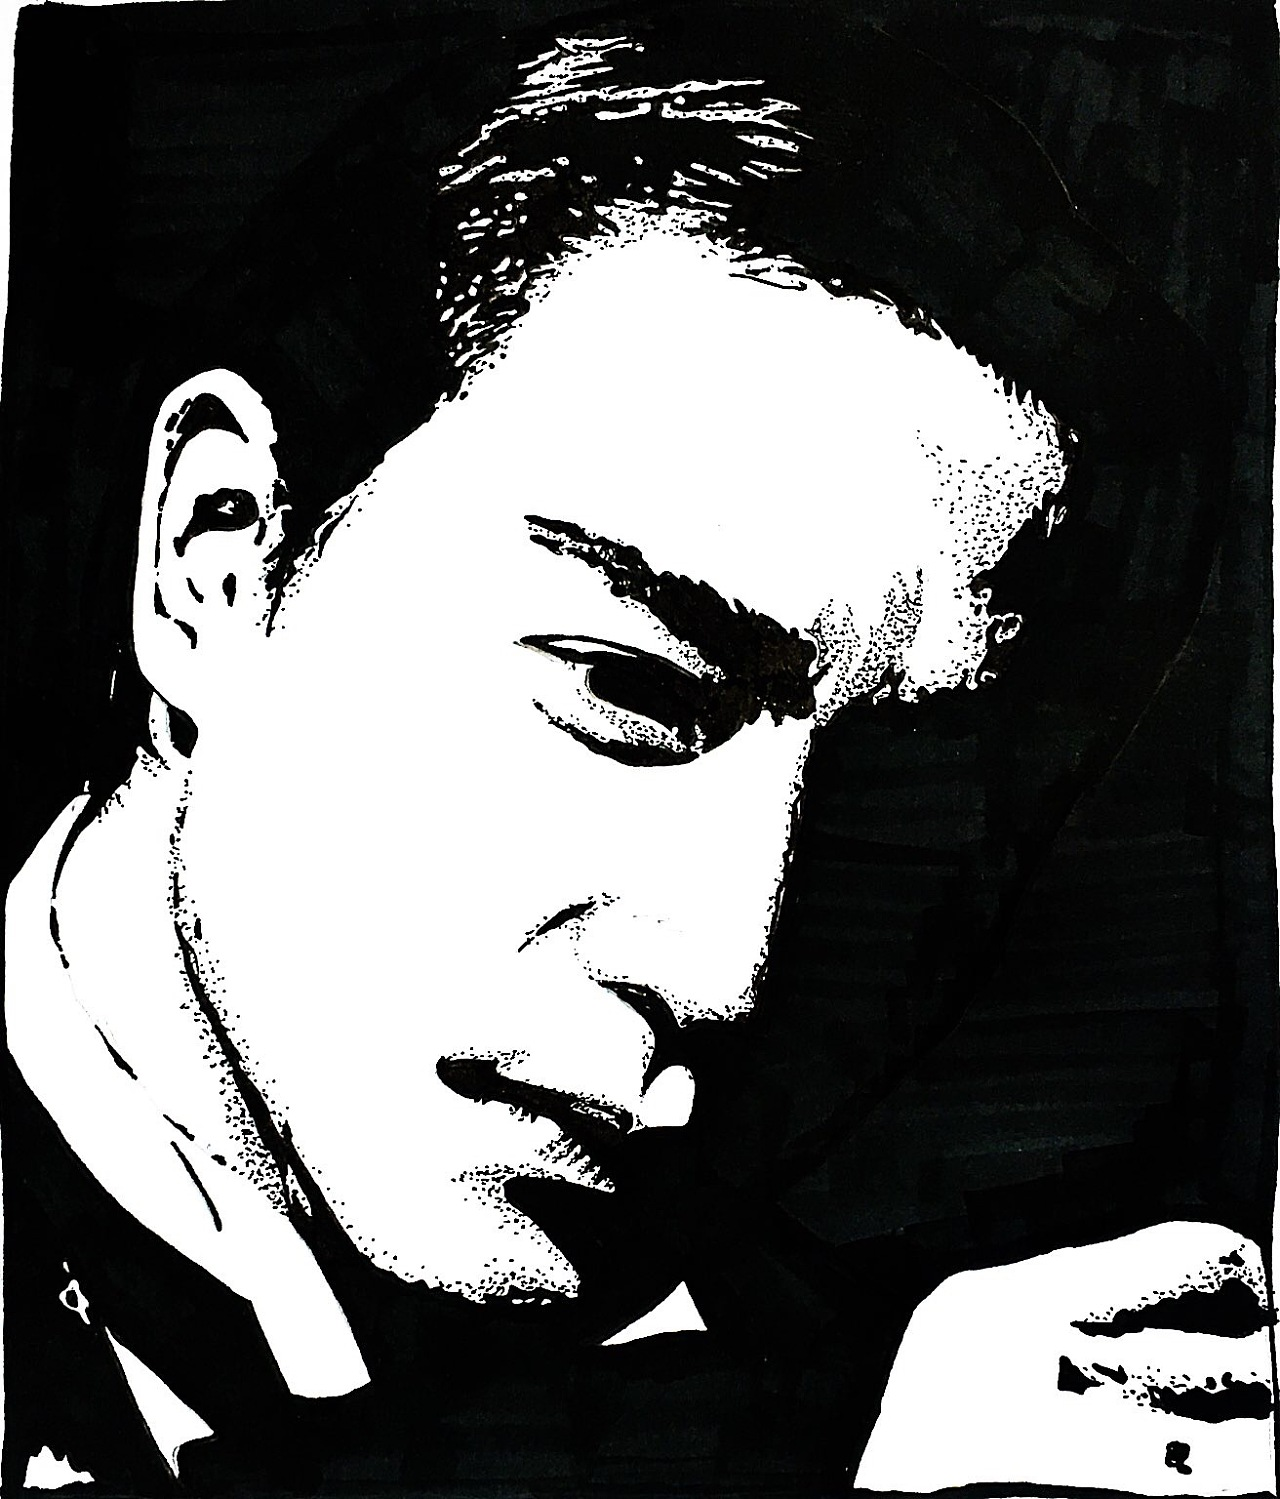 马克笔手绘张国荣插画图片